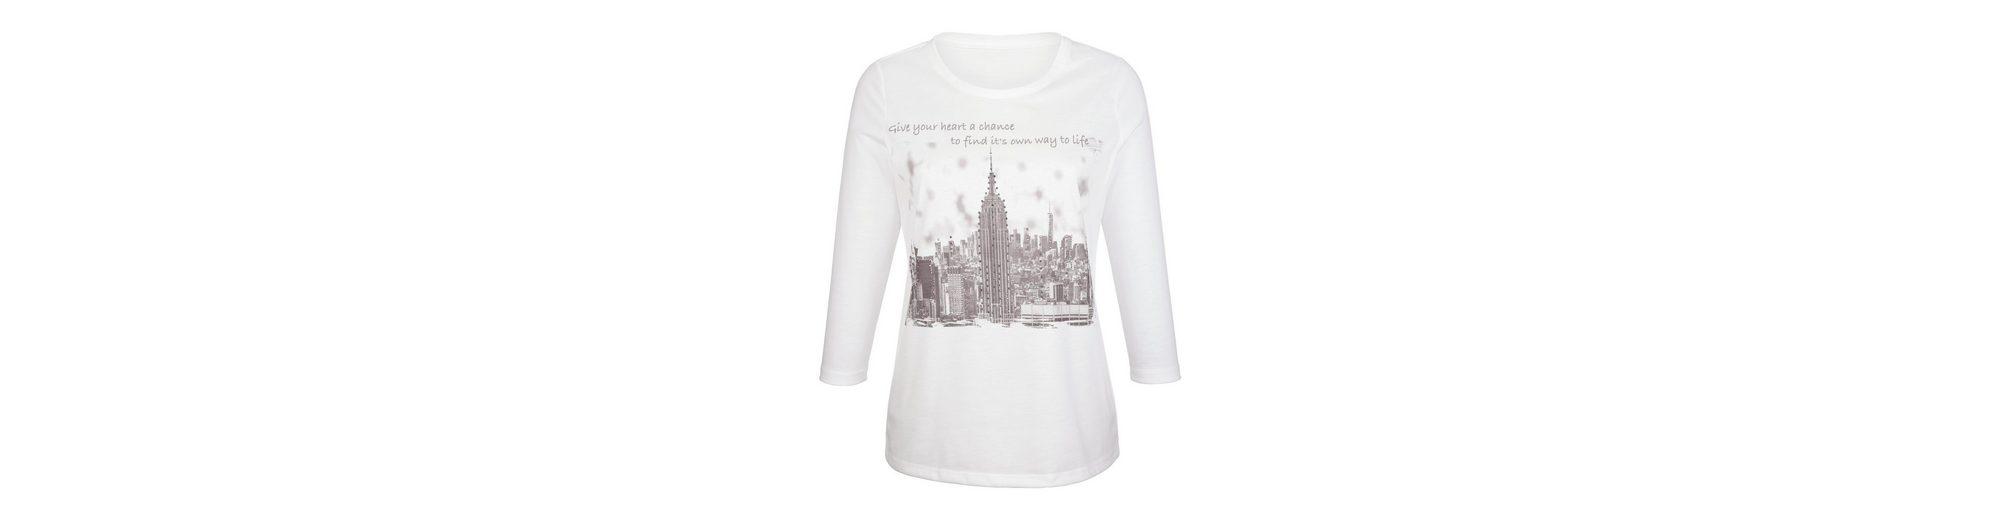 Paola Shirt mit Druckmotiv Online Kaufen Authentisch 100% Ig Garantiert Günstiger Preis uxt8v